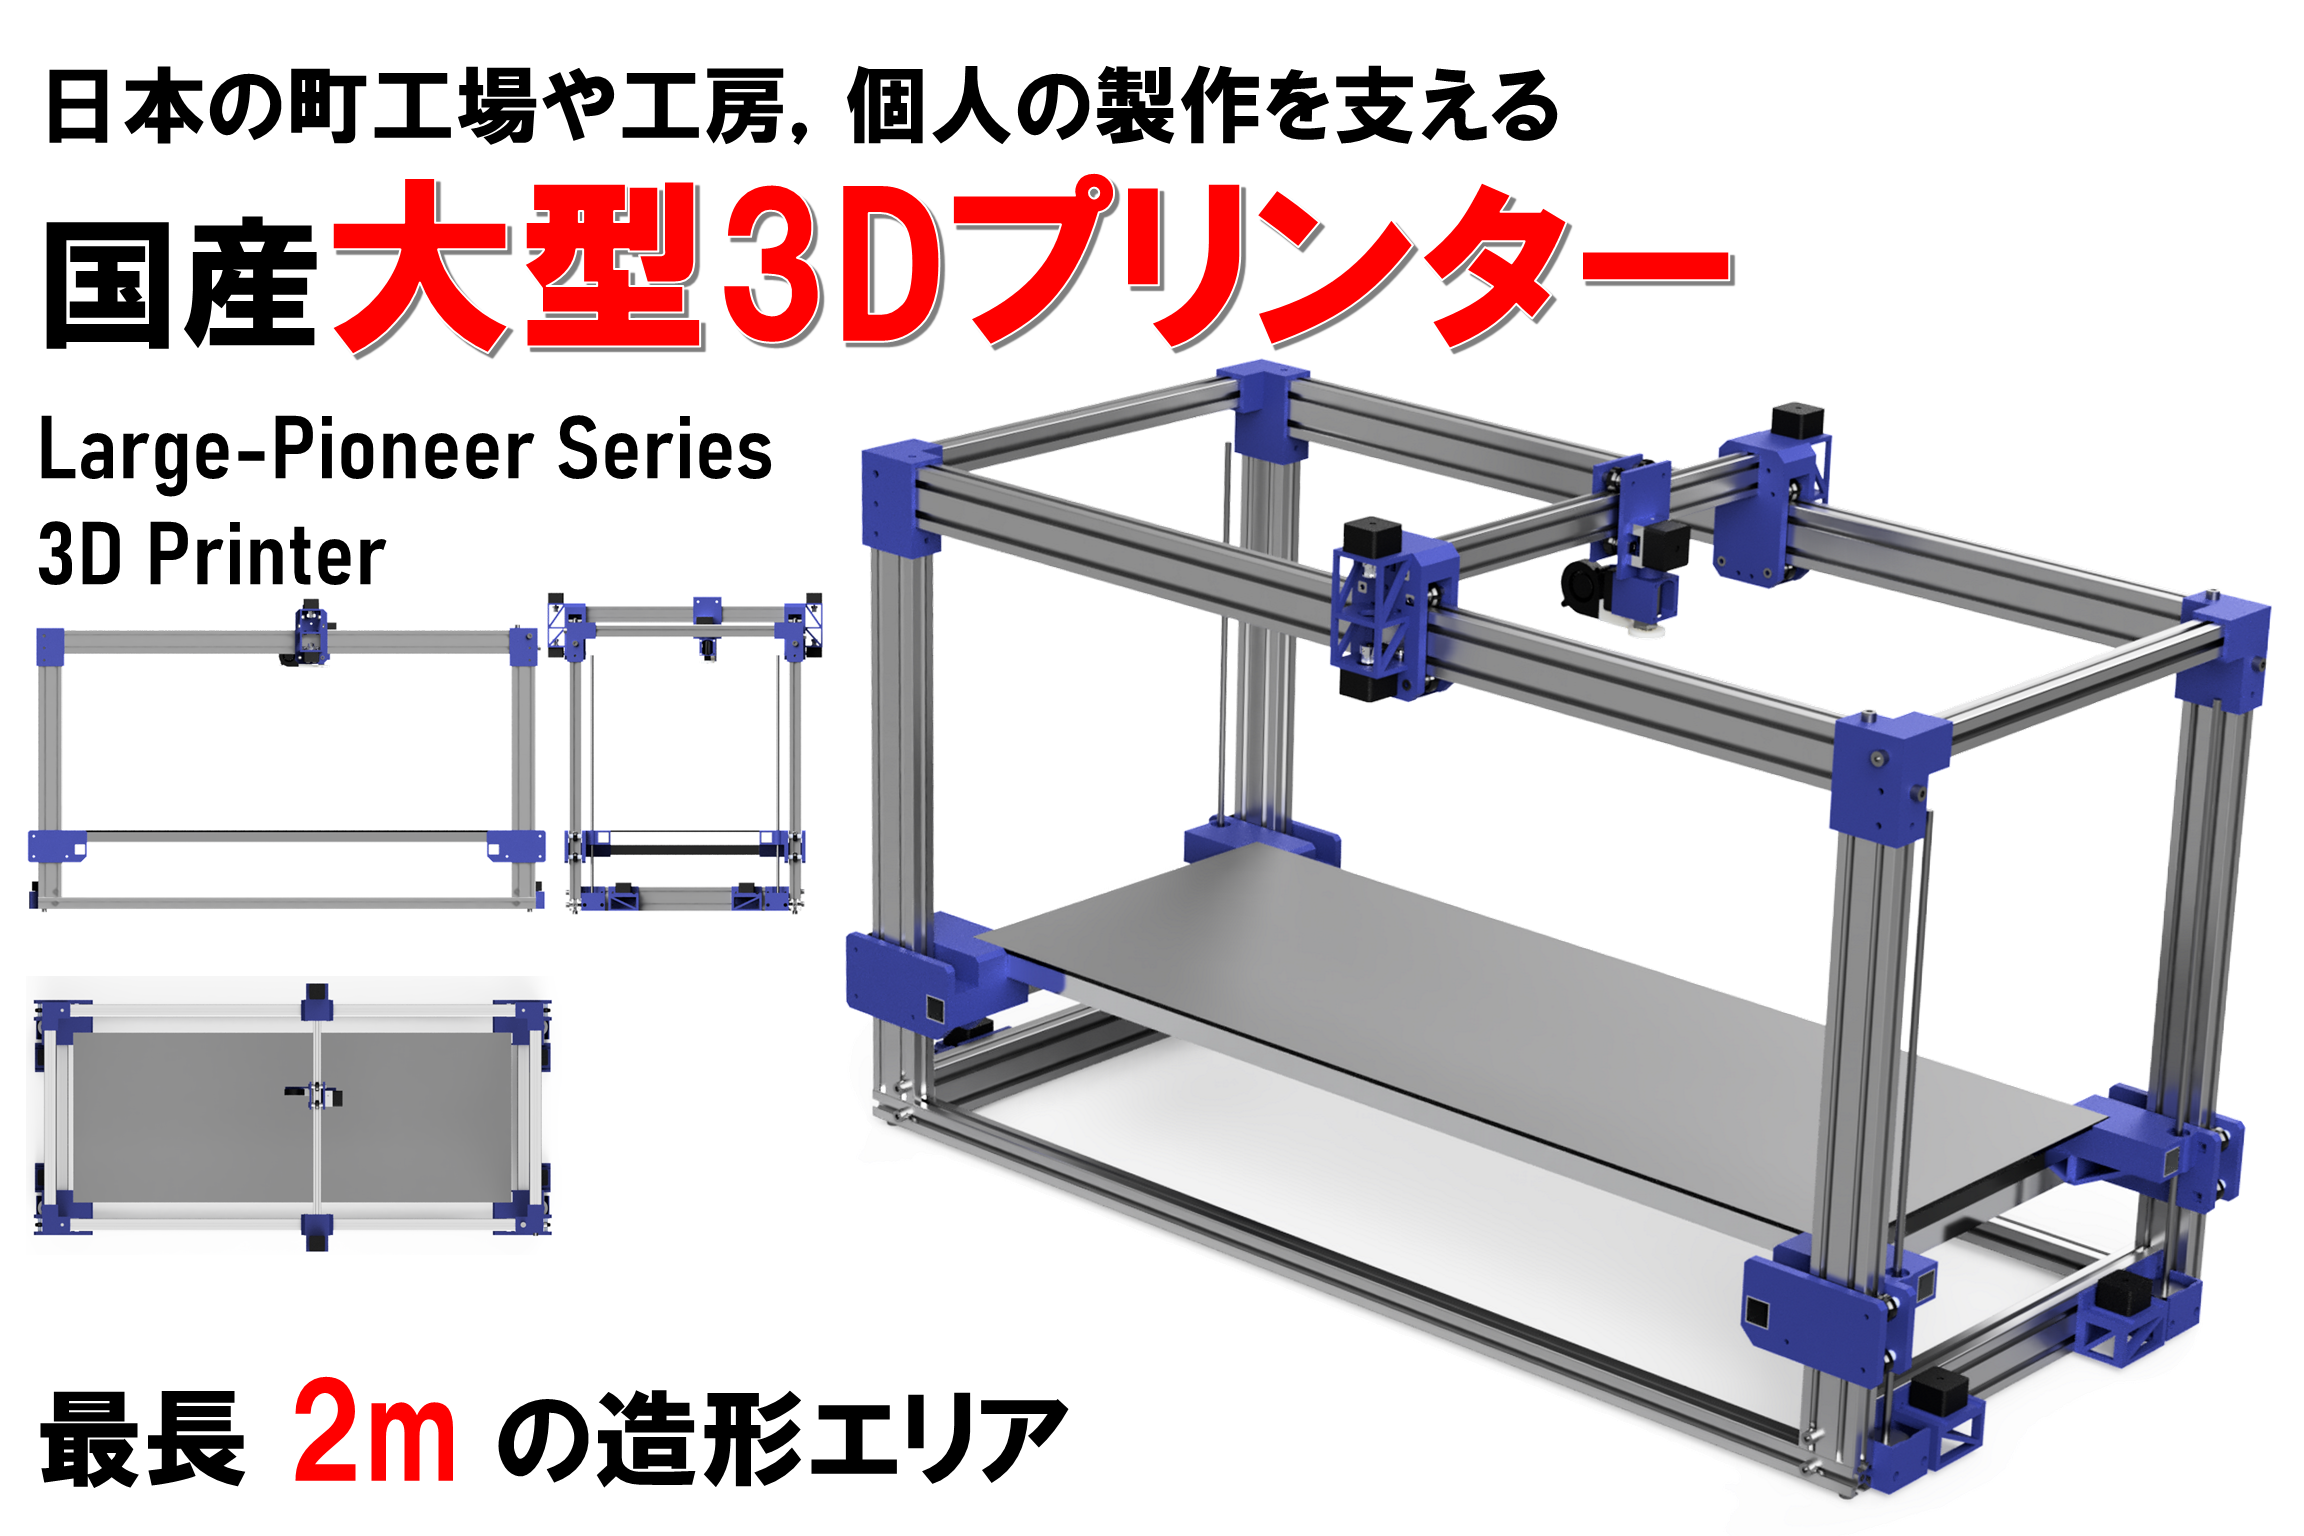 MT-Robotics